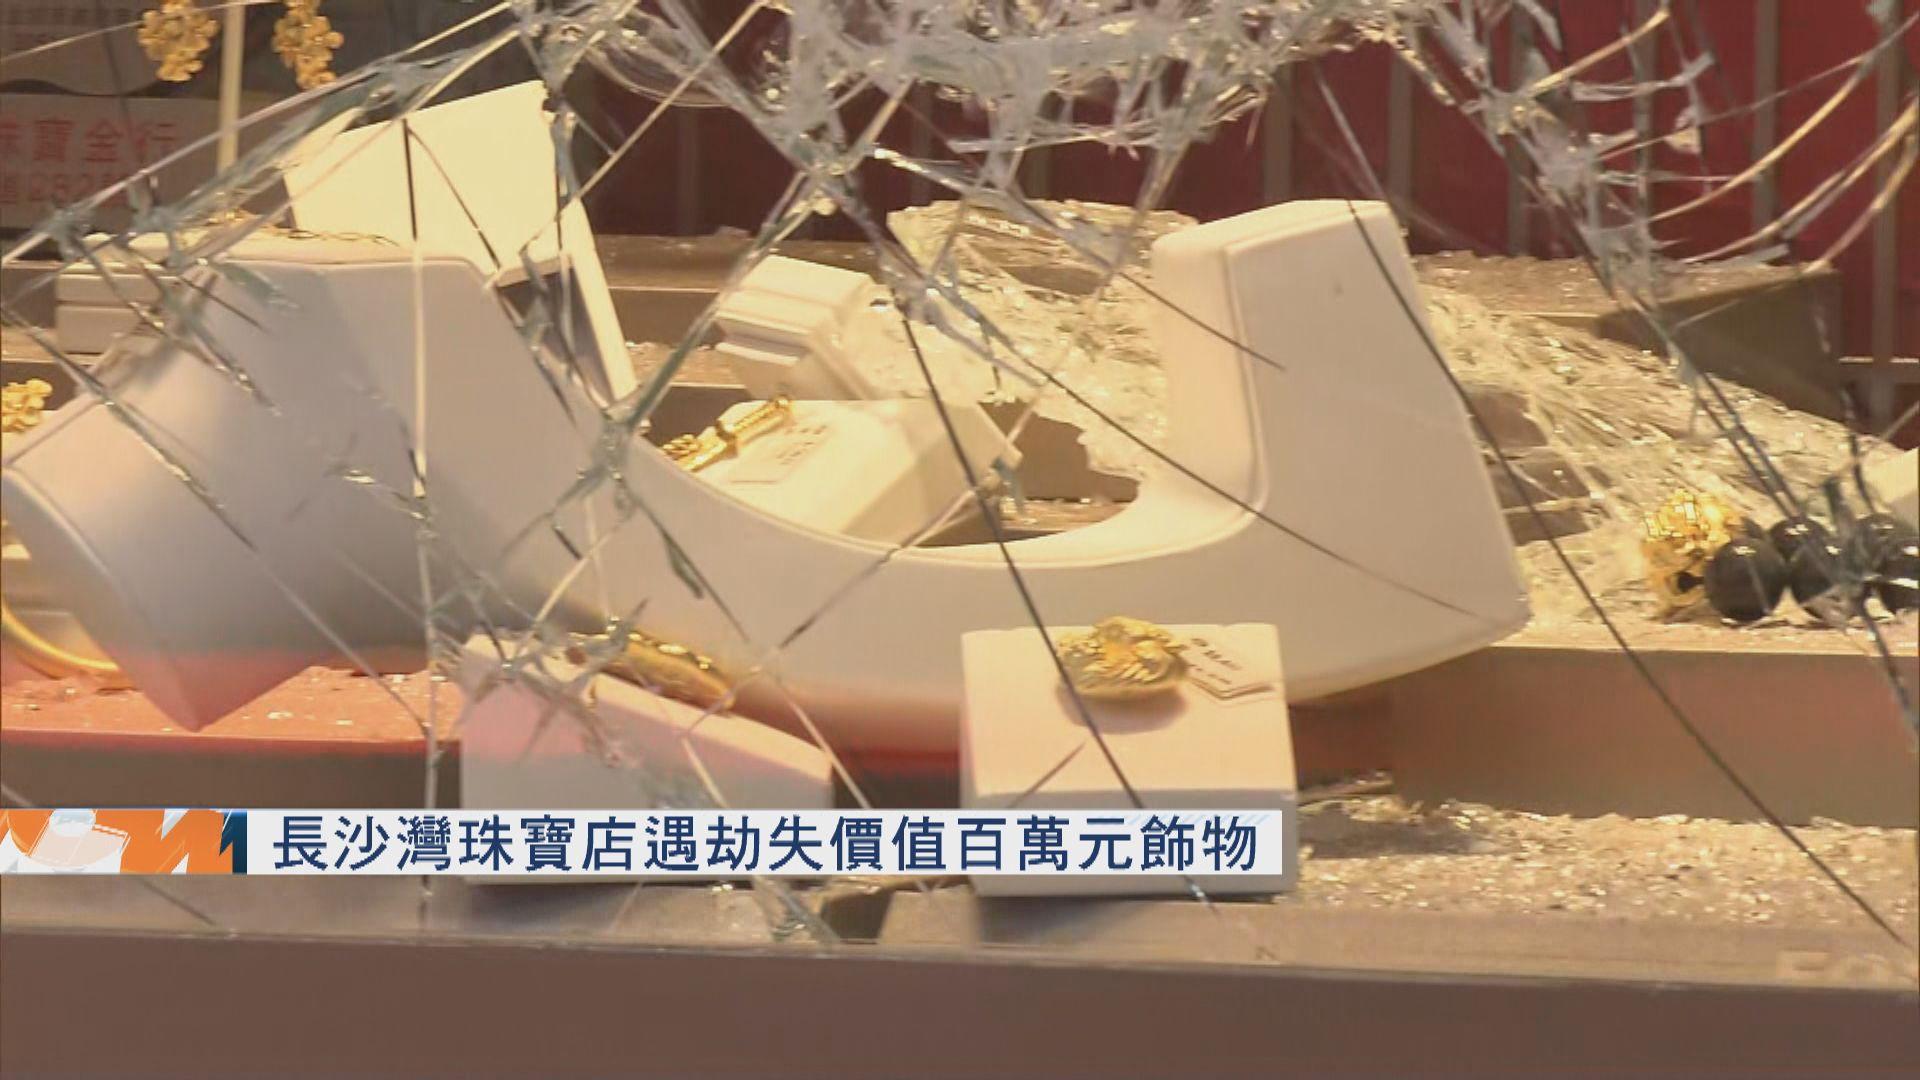 長沙灣珠寶店遇劫失價值百萬元飾物